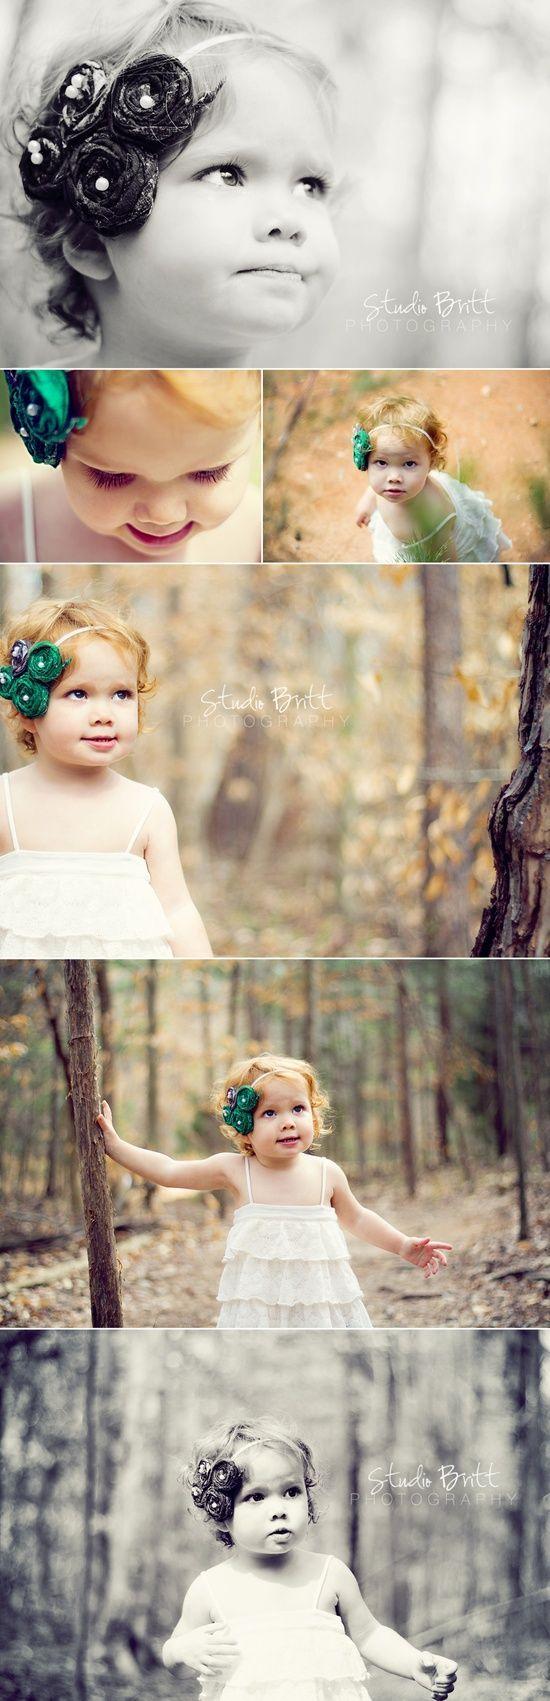 st. patrick's day shoot #stpatricksday #toddler #photography